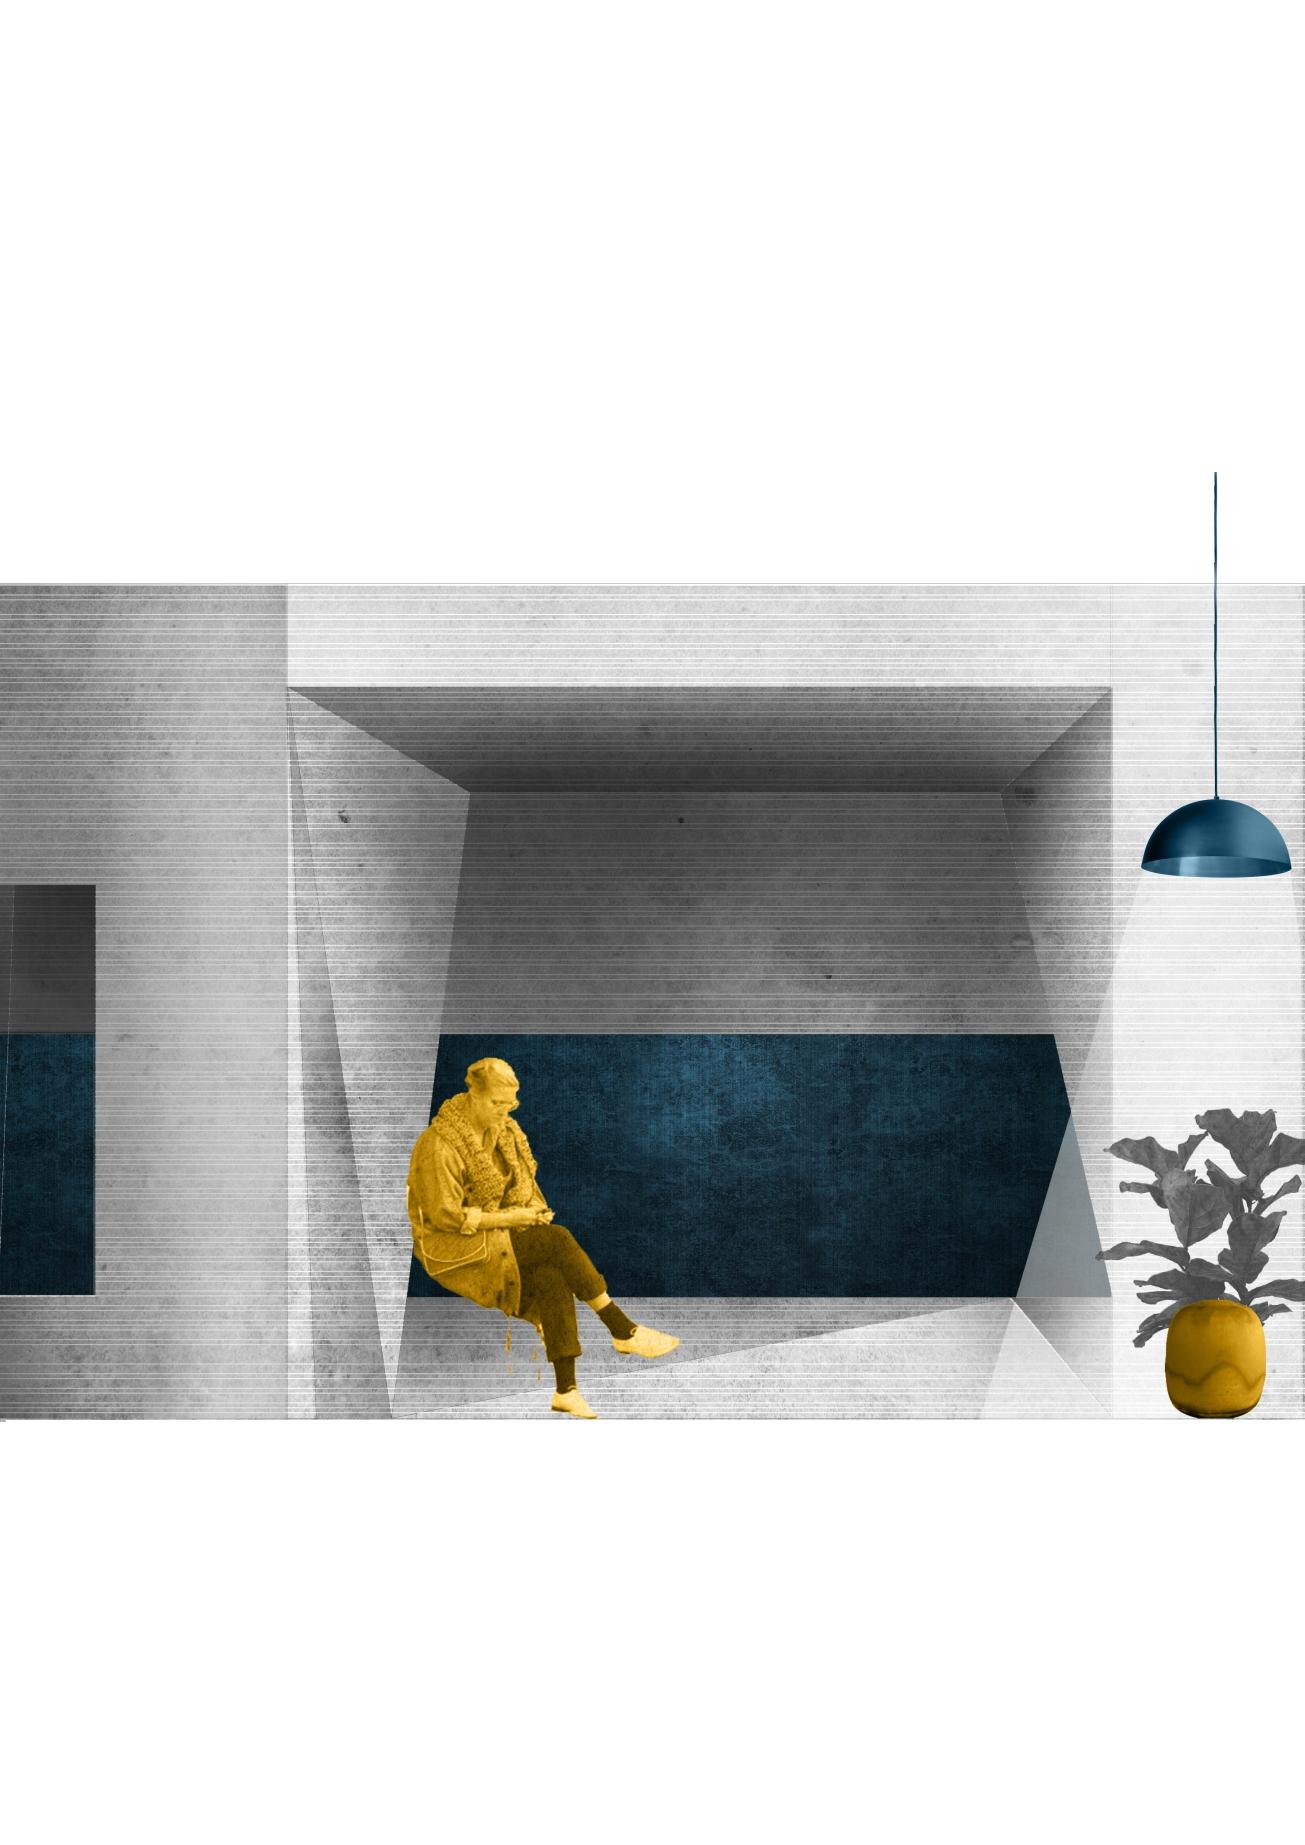 BasementInterior, Evgenia Vlachaki, TUDelft MSc Architecture, Architecture and Public Building